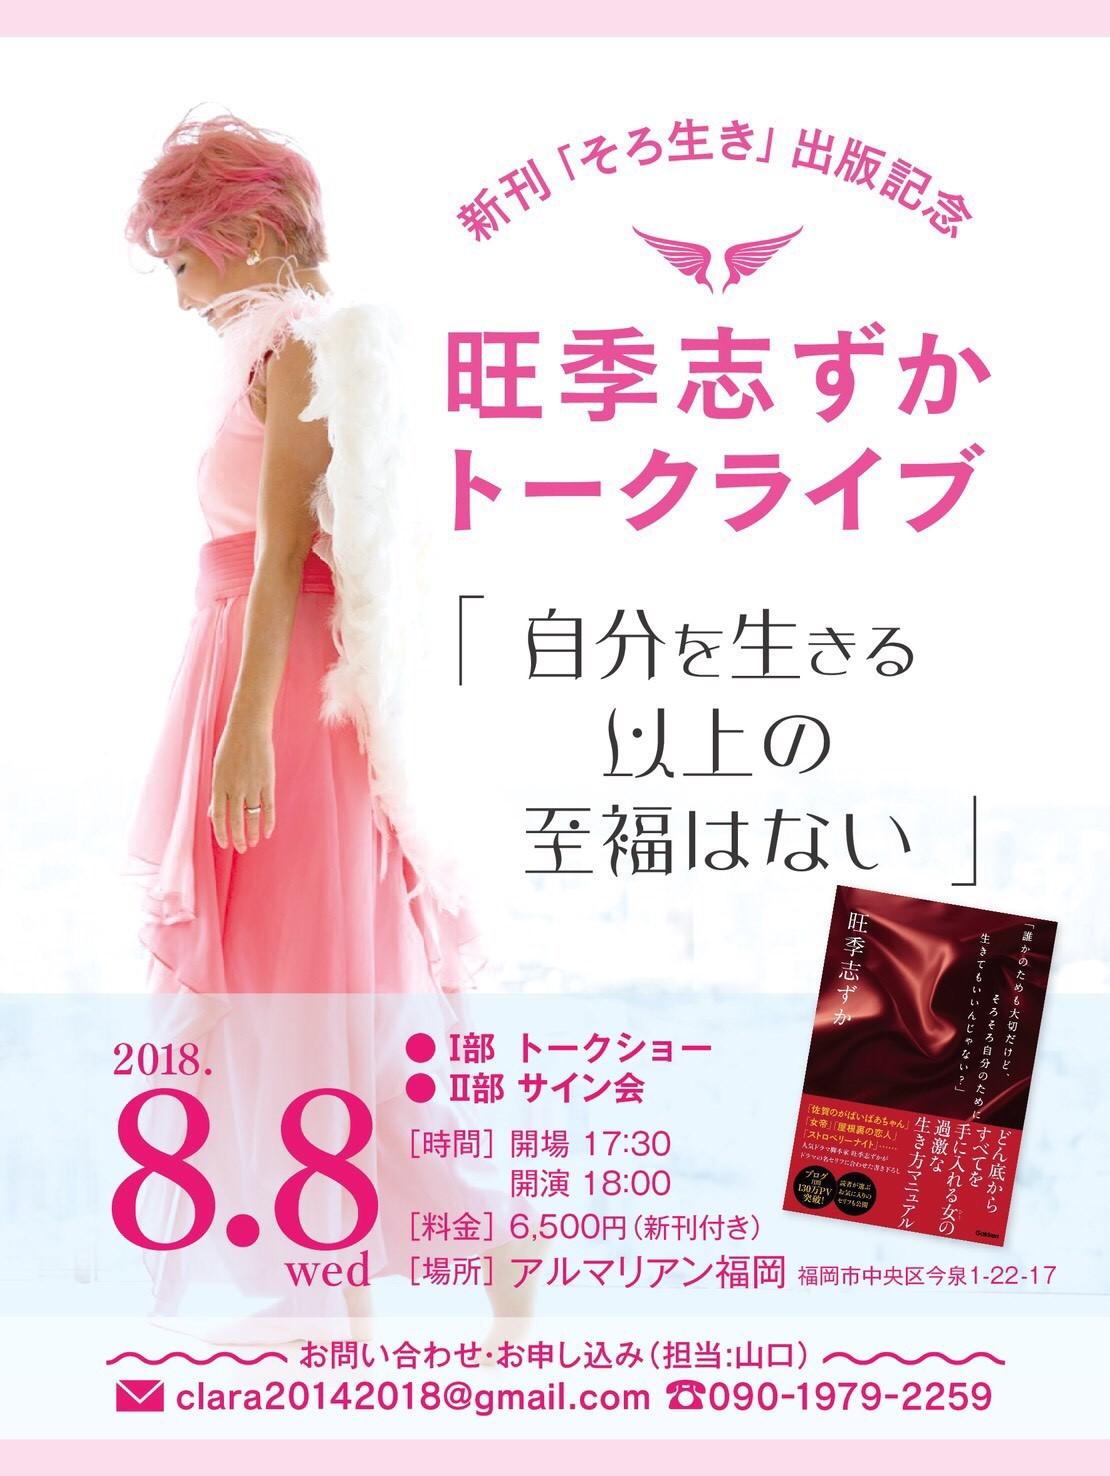 福岡にてトークショー